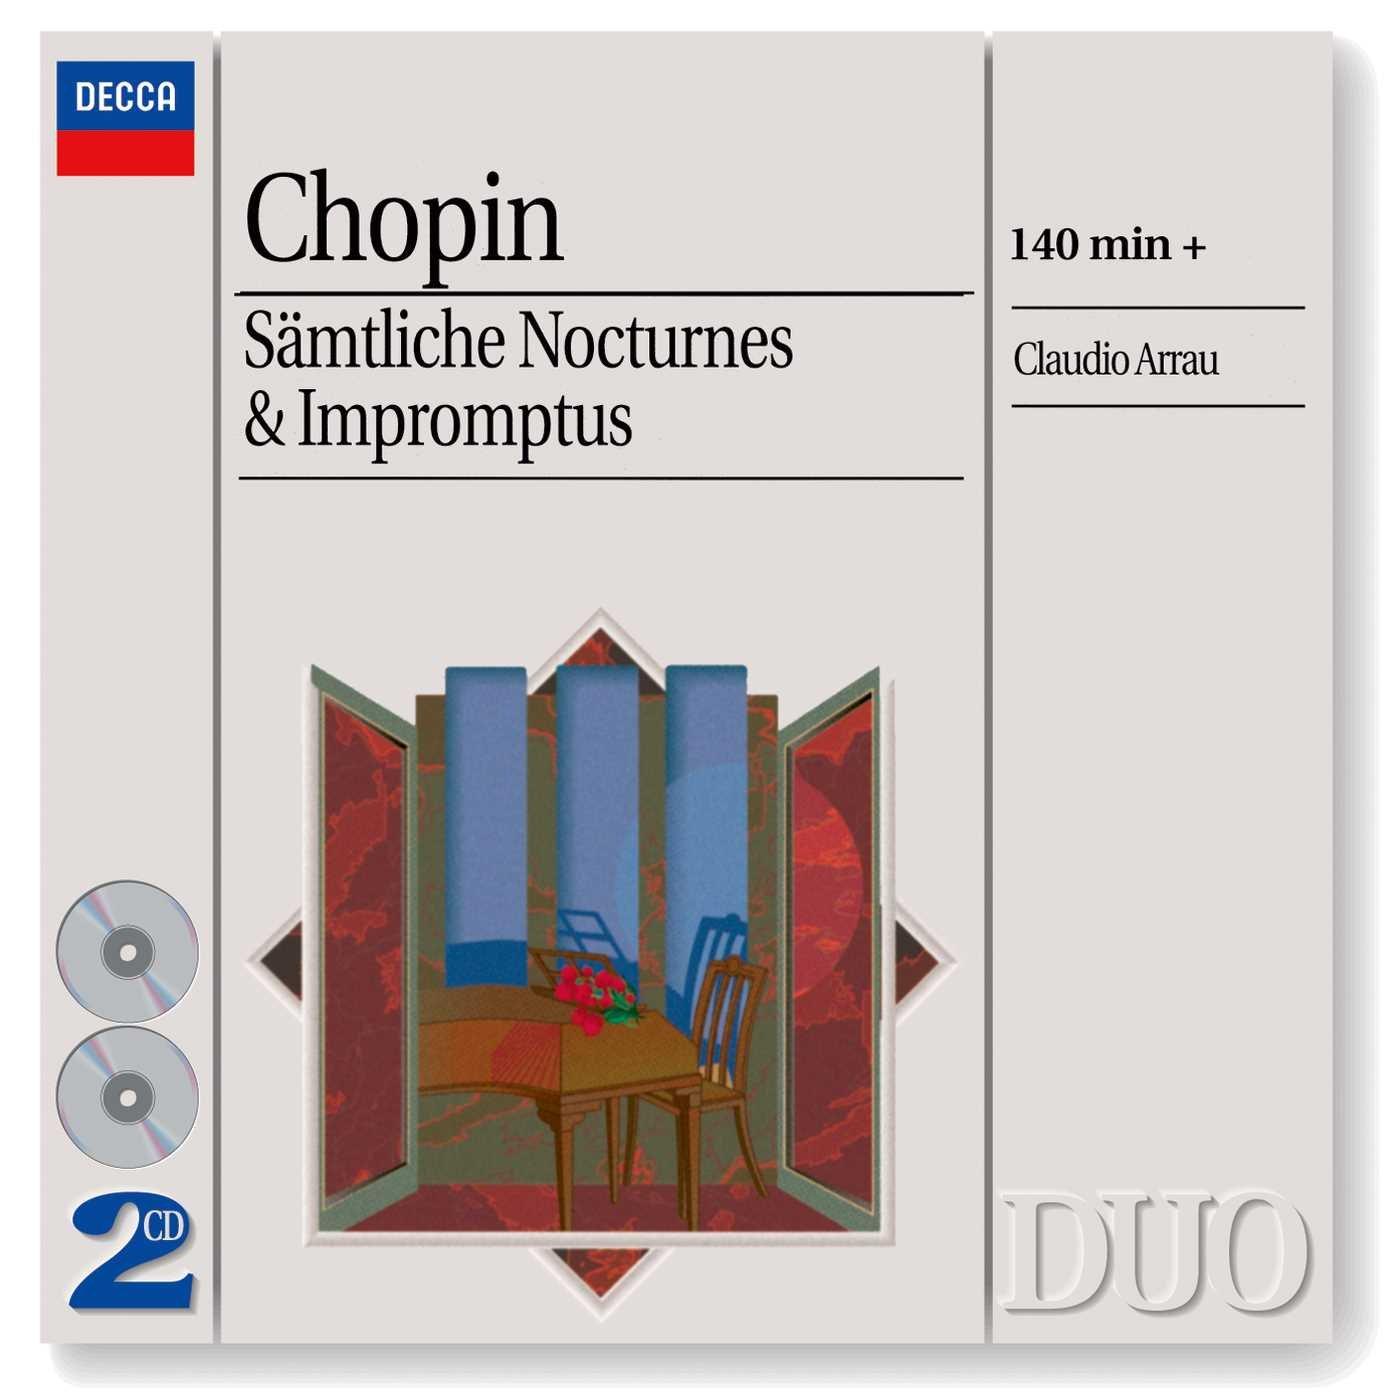 Chopin - Nocturnes, polonaises, préludes, etc... - Page 14 61qFuDS0jNL